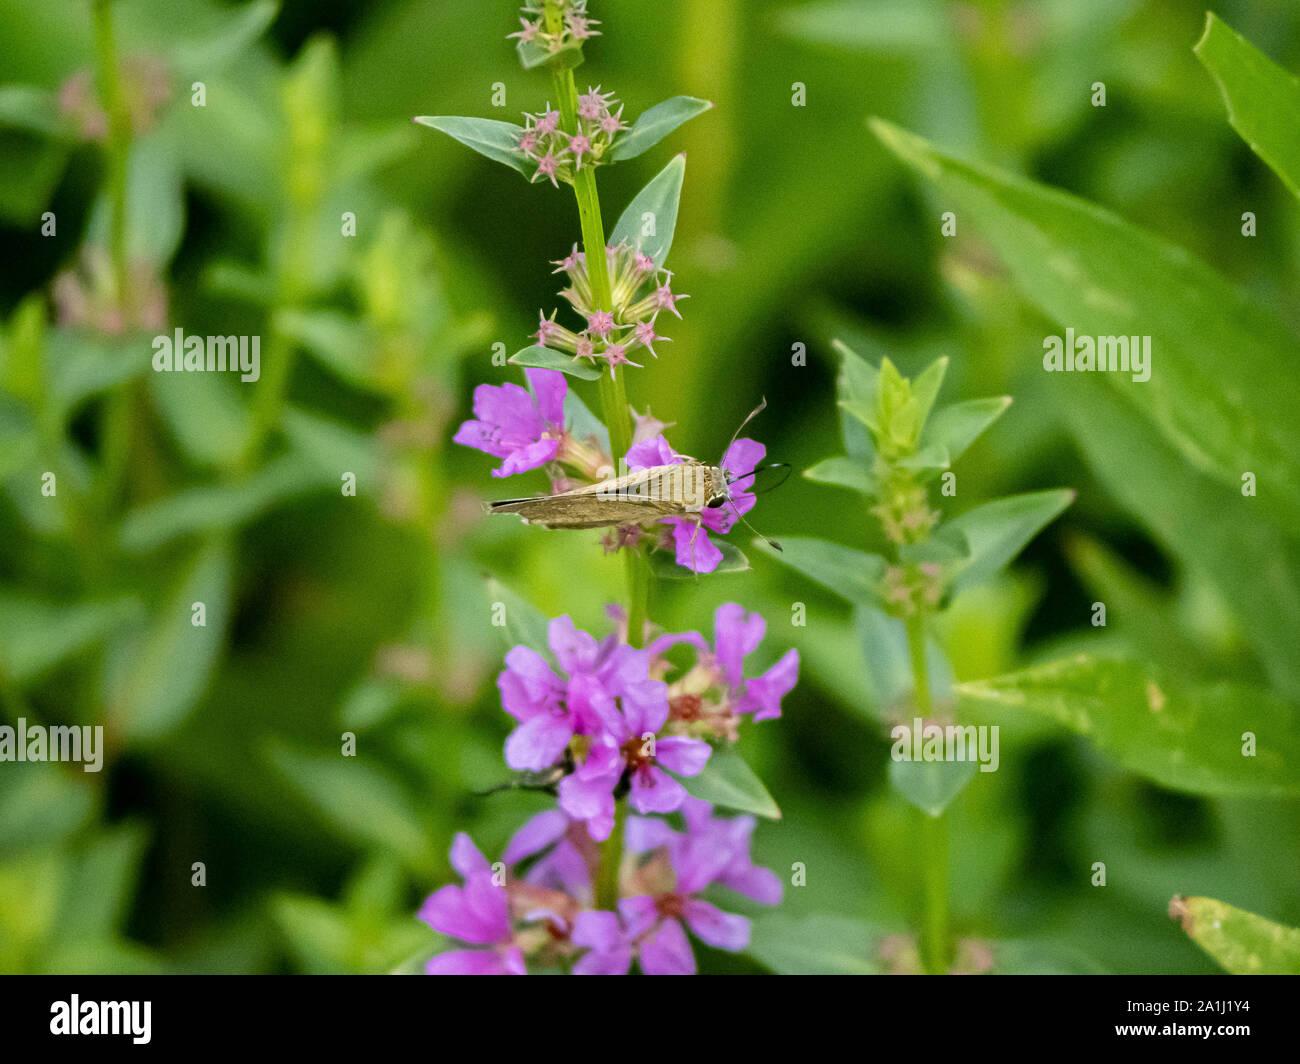 Una recta común mariposa de SWIFT, un tipo de hierba skipper especies -Parnara guttata- se alimenta de pequeñas flores moradas en un pequeño parque japonés. Foto de stock